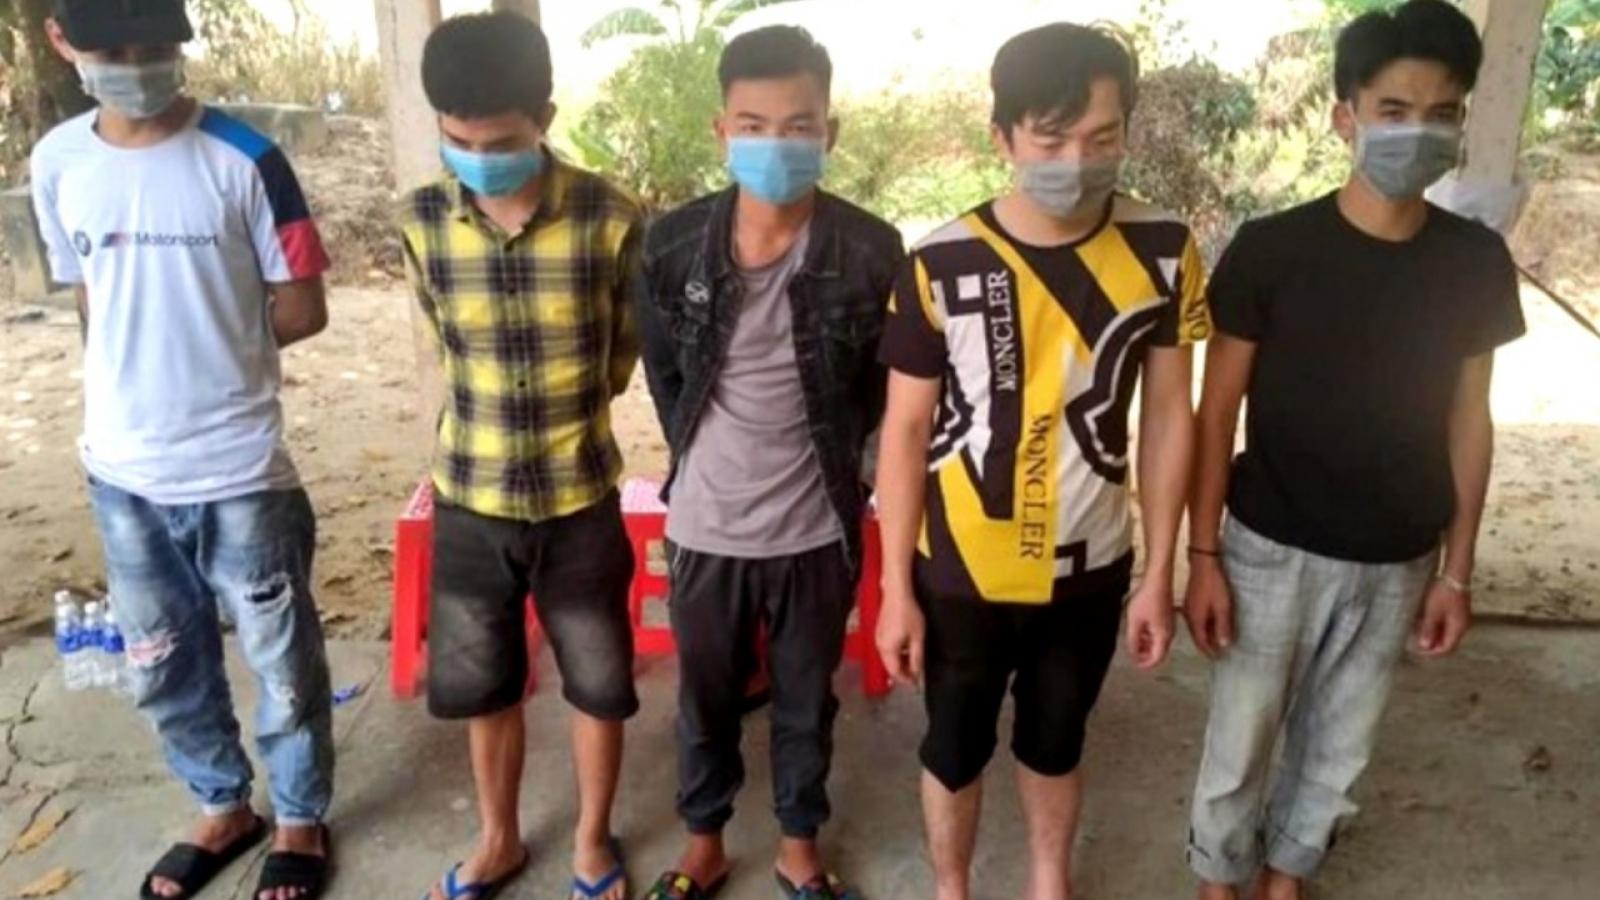 Biên phòng Long An khởi tố vụ án đưa người Việt sang Campuchia tìm việc làm